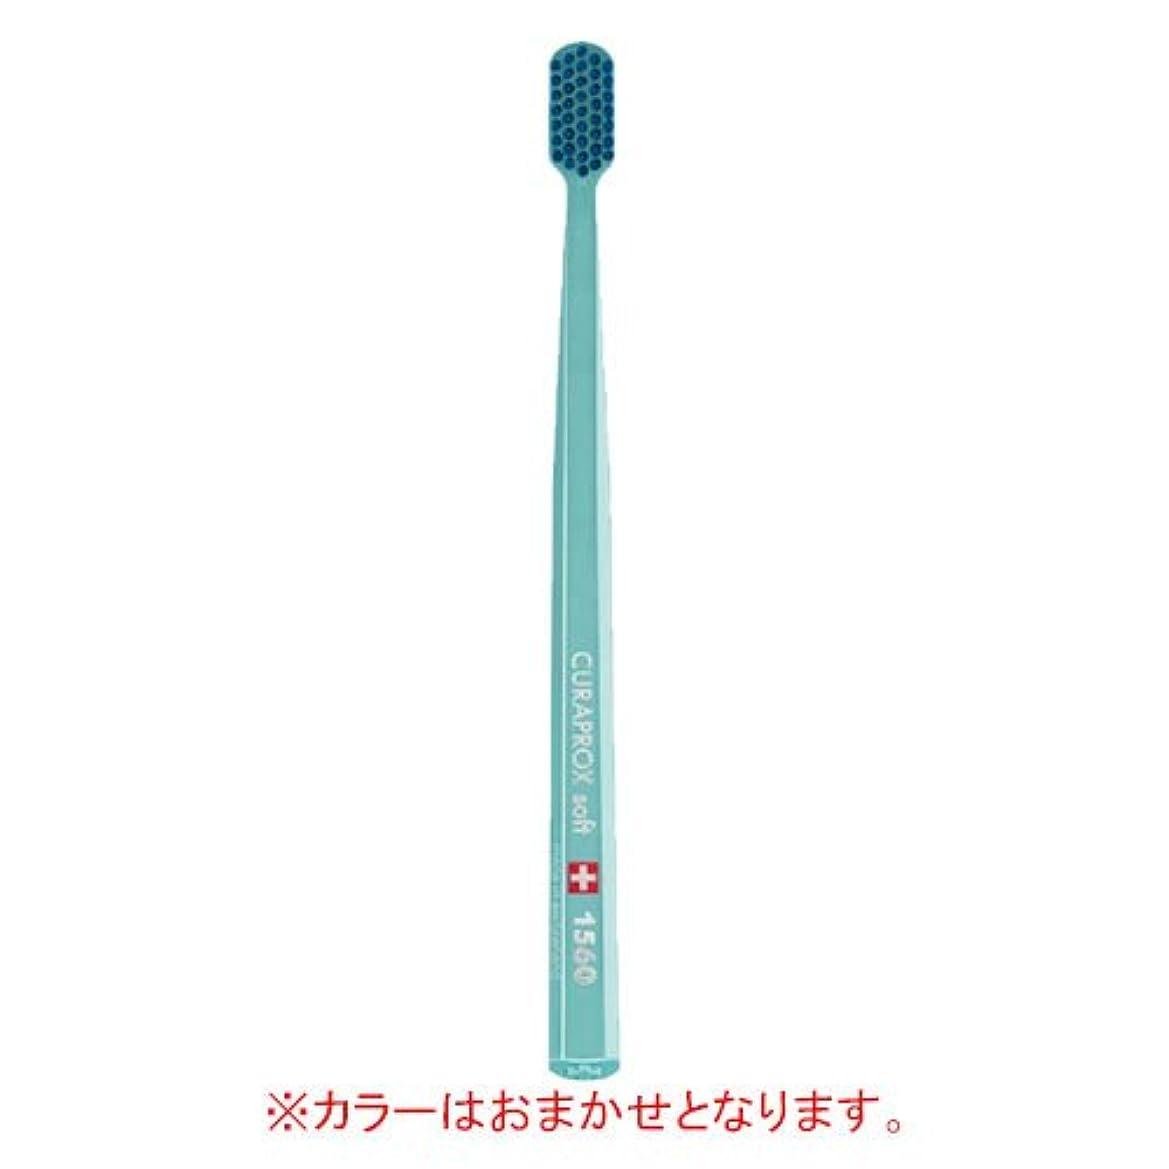 長々とサージインフルエンザキュラプロックス Curaprox 超極細毛歯ブラシ ソフト CS1560 1本